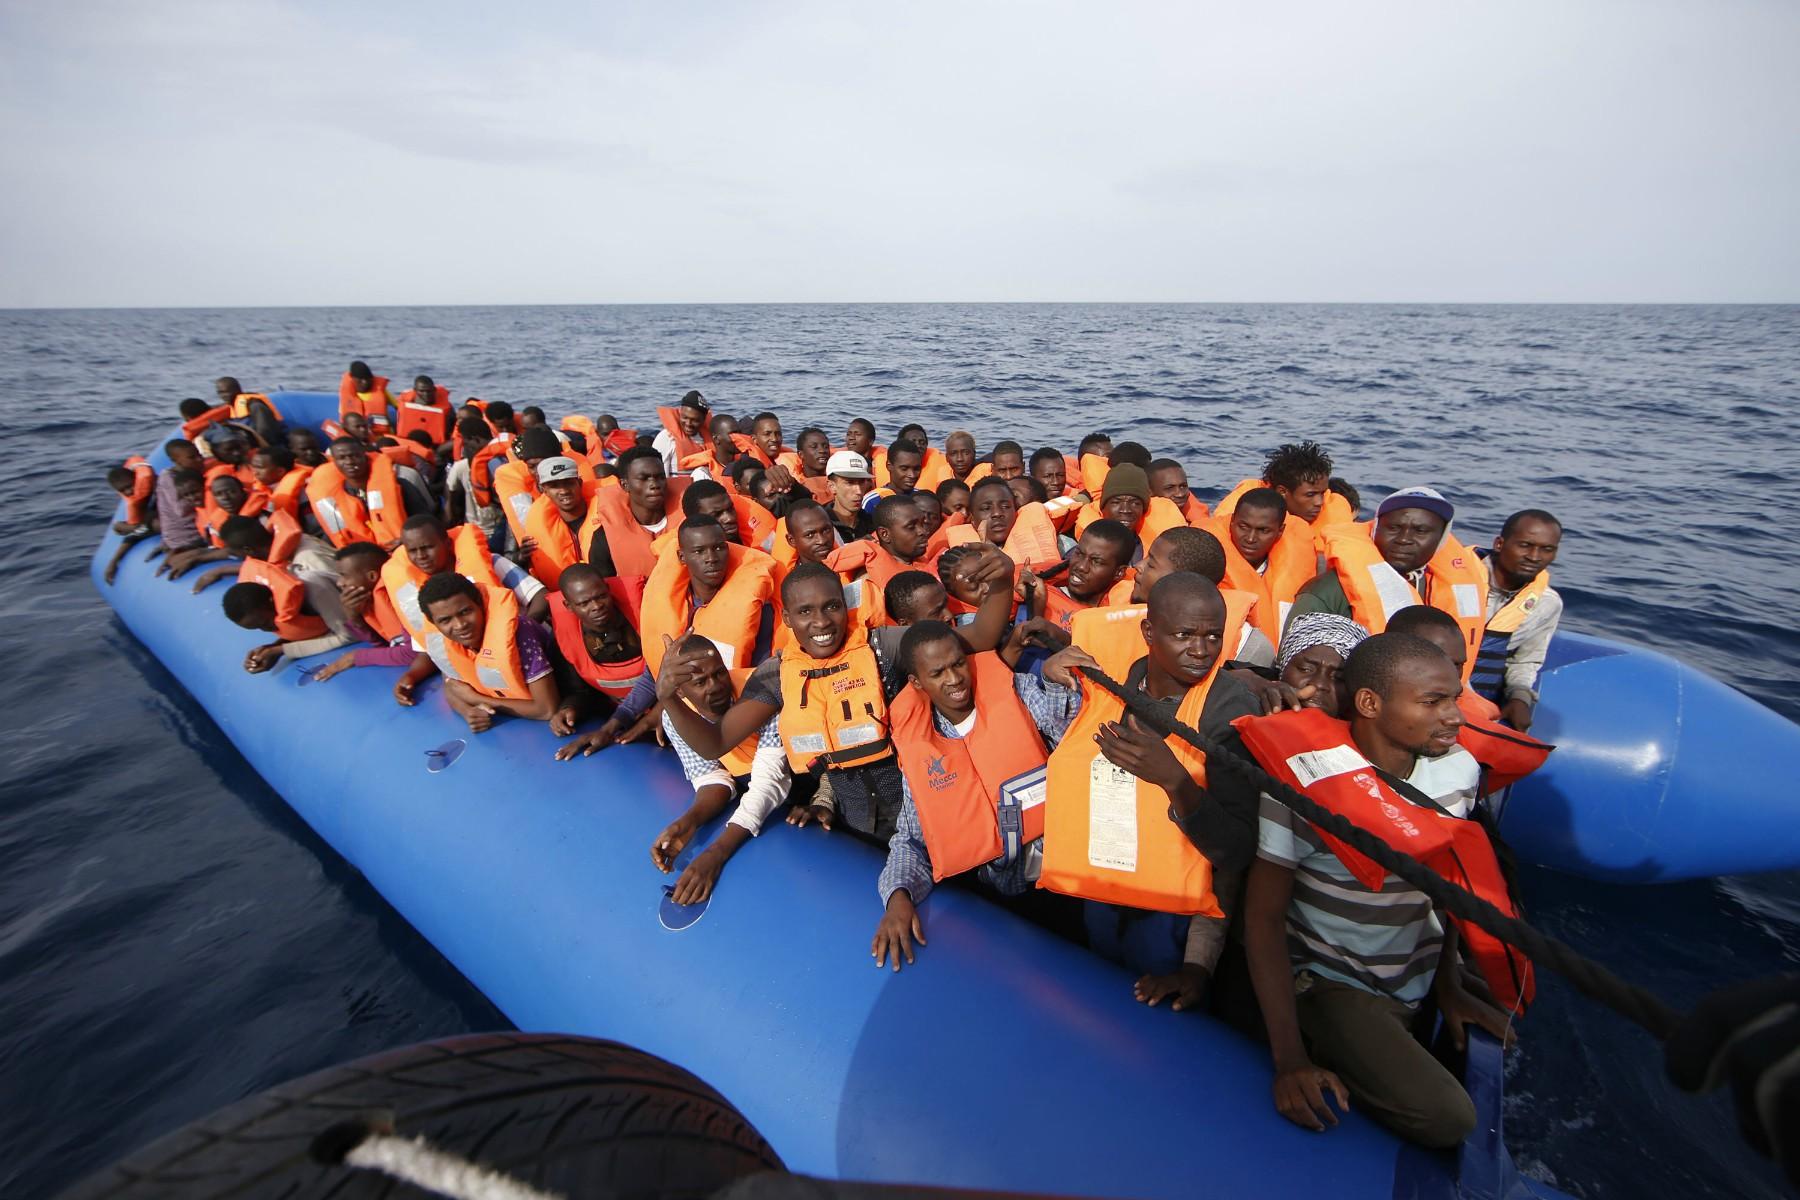 Migranti prodotto del colonialismo occidentale